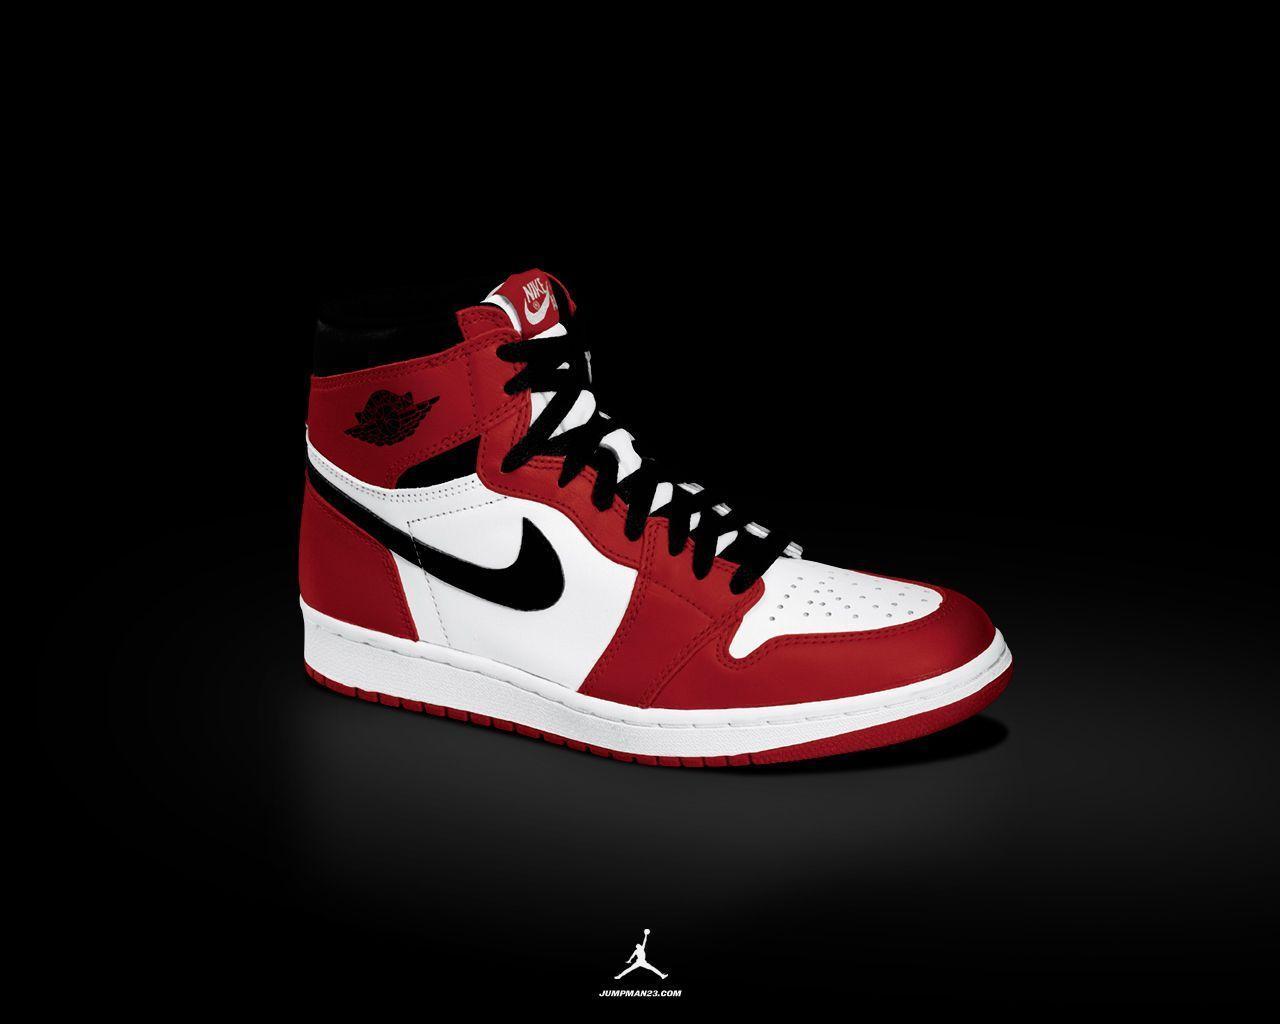 Air Jordan <b>Shoes Wallpapers</b> - <b>Wallpaper</b> Cave